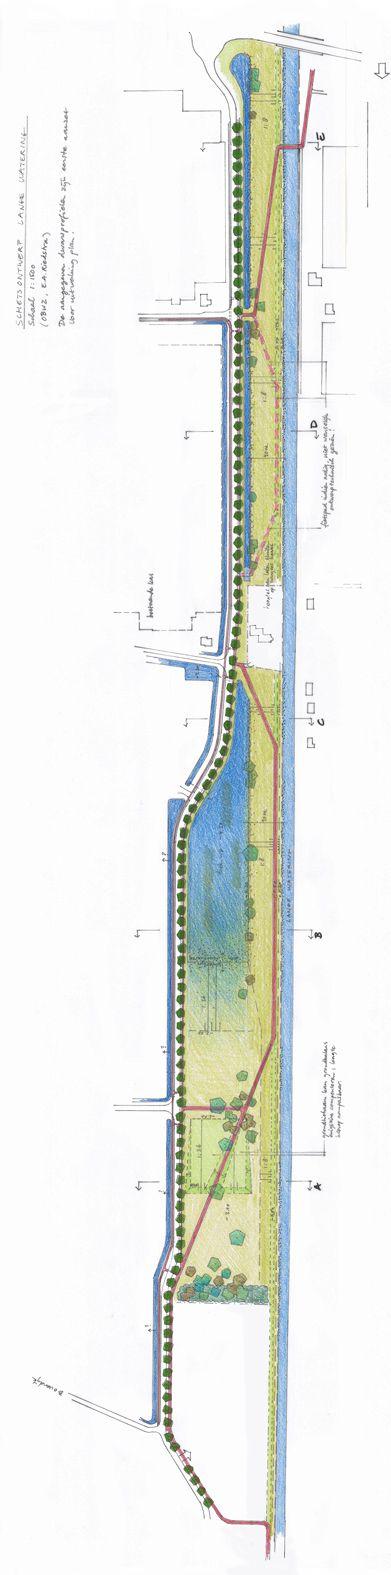 Ontwerp Lange Wateringzone; waterberging, ecologie, een nieuwe ontsluitingsweg langs een kassencomplex en een regionaal fietspad (van Midden-Delfland tot aan het strand van Kijkduin) zijn opgenomen in dit ontwerp van 2013. Uitgevoerd eind 2013.